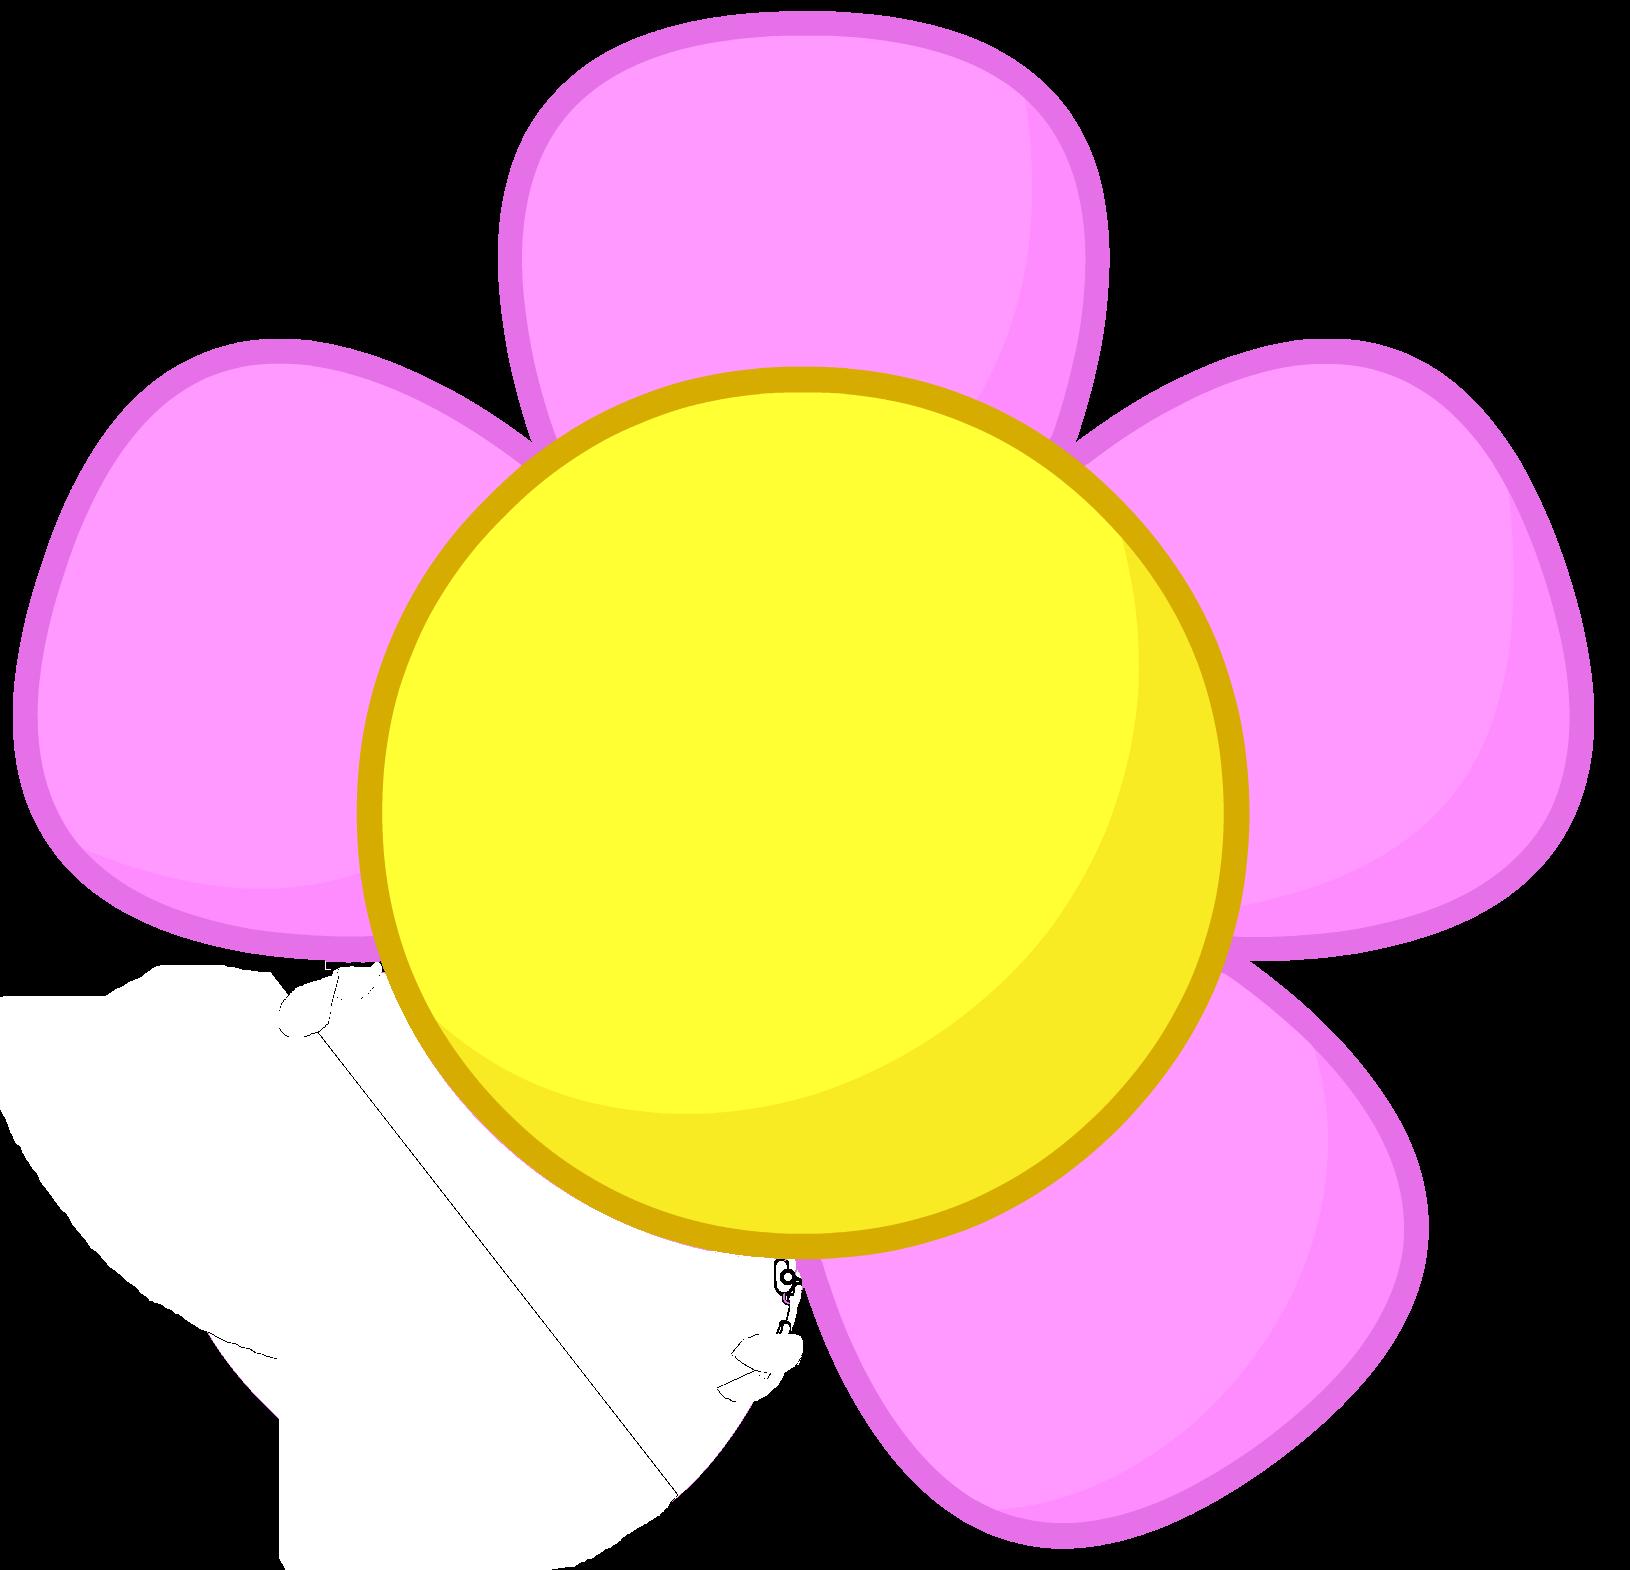 Image - Flower Missing Petal.png